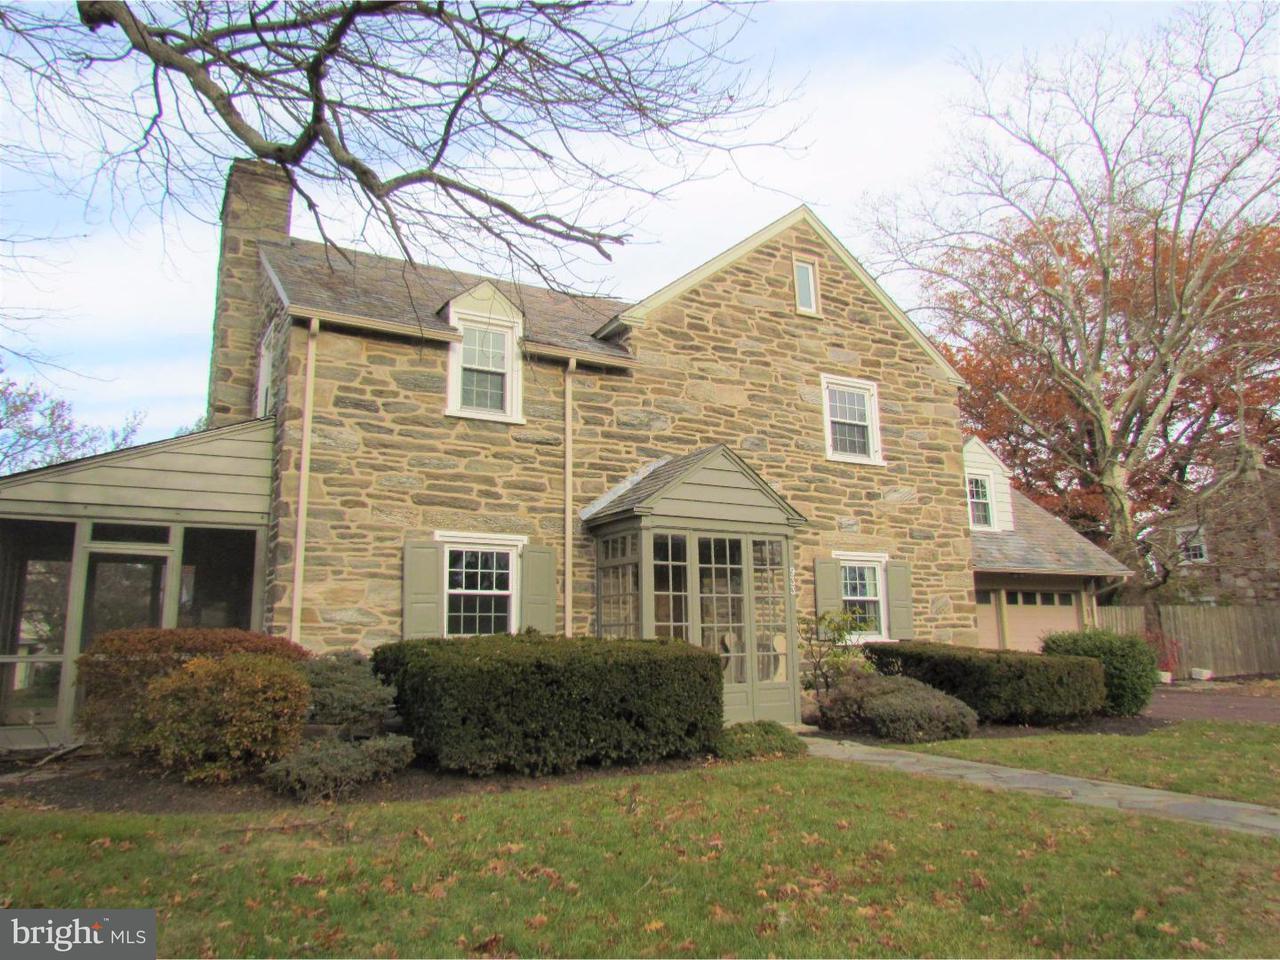 Частный односемейный дом для того Аренда на 933 YORK Avenue Lansdale, Пенсильвания 19446 Соединенные Штаты